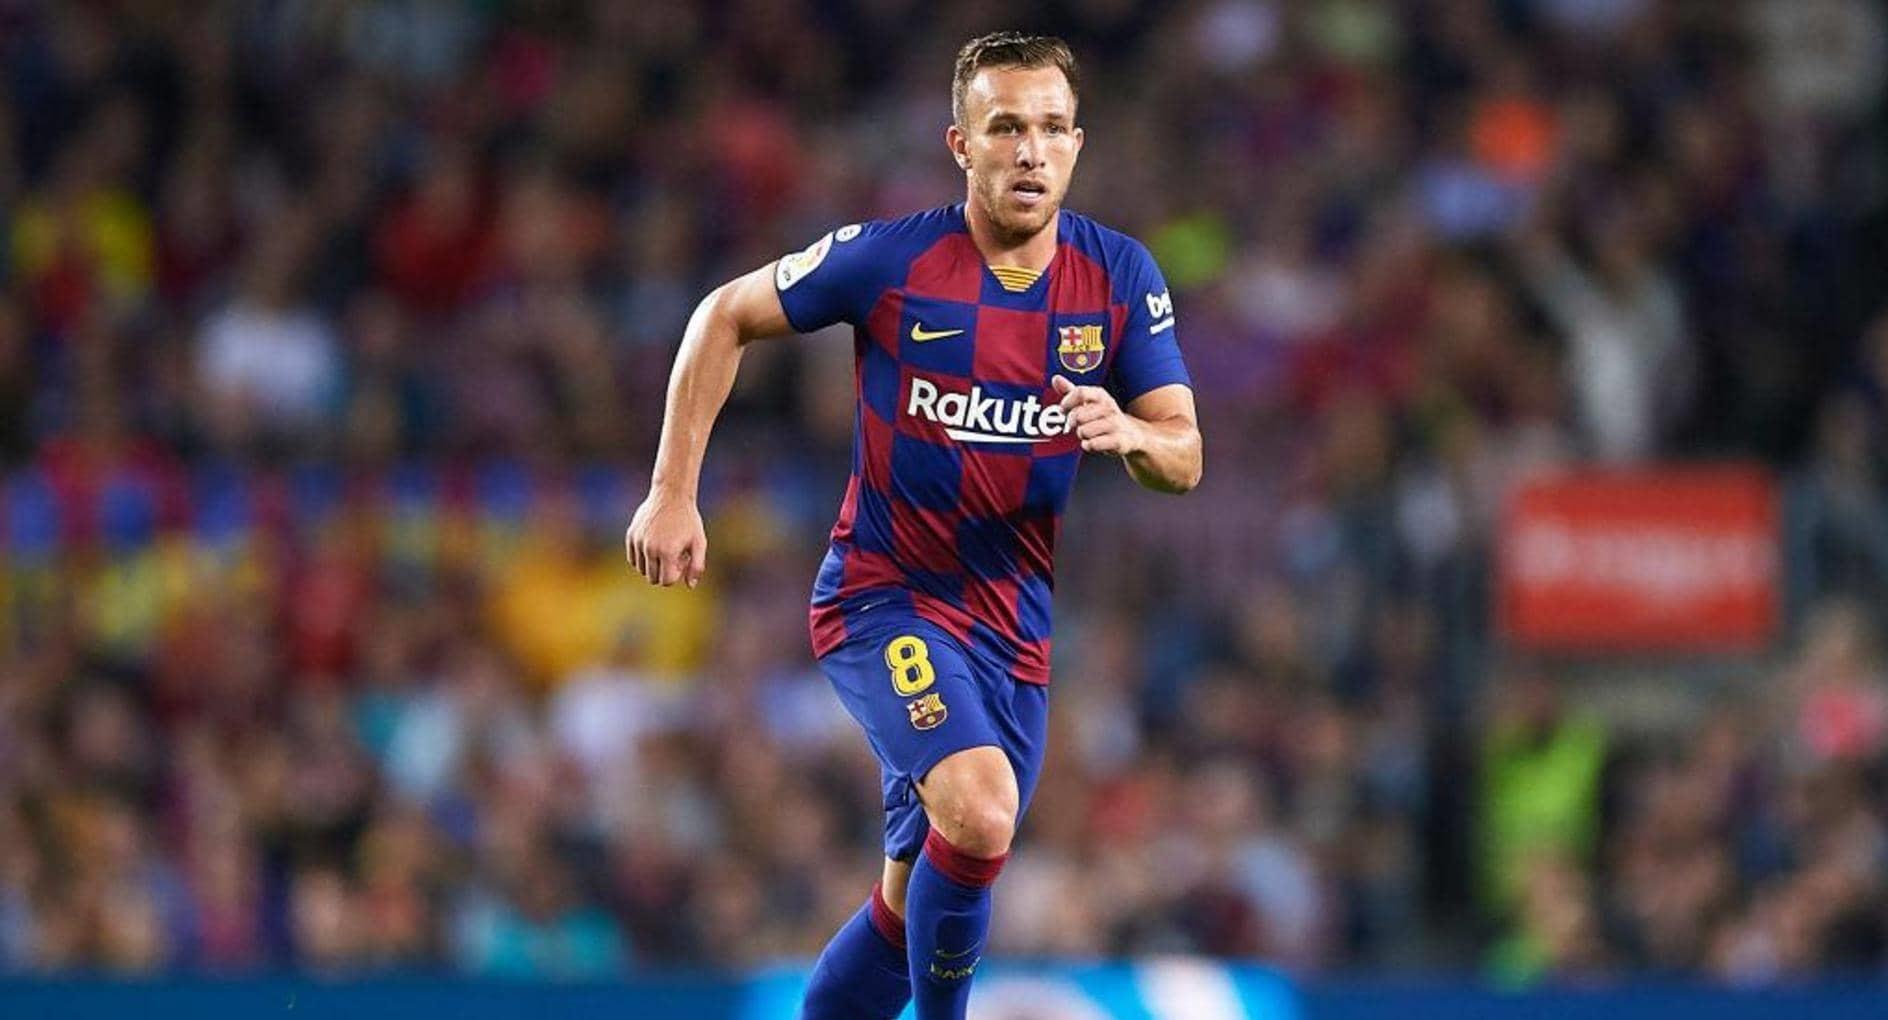 برشلونة يعلن انتقال أرتور إلى يوفنتوس